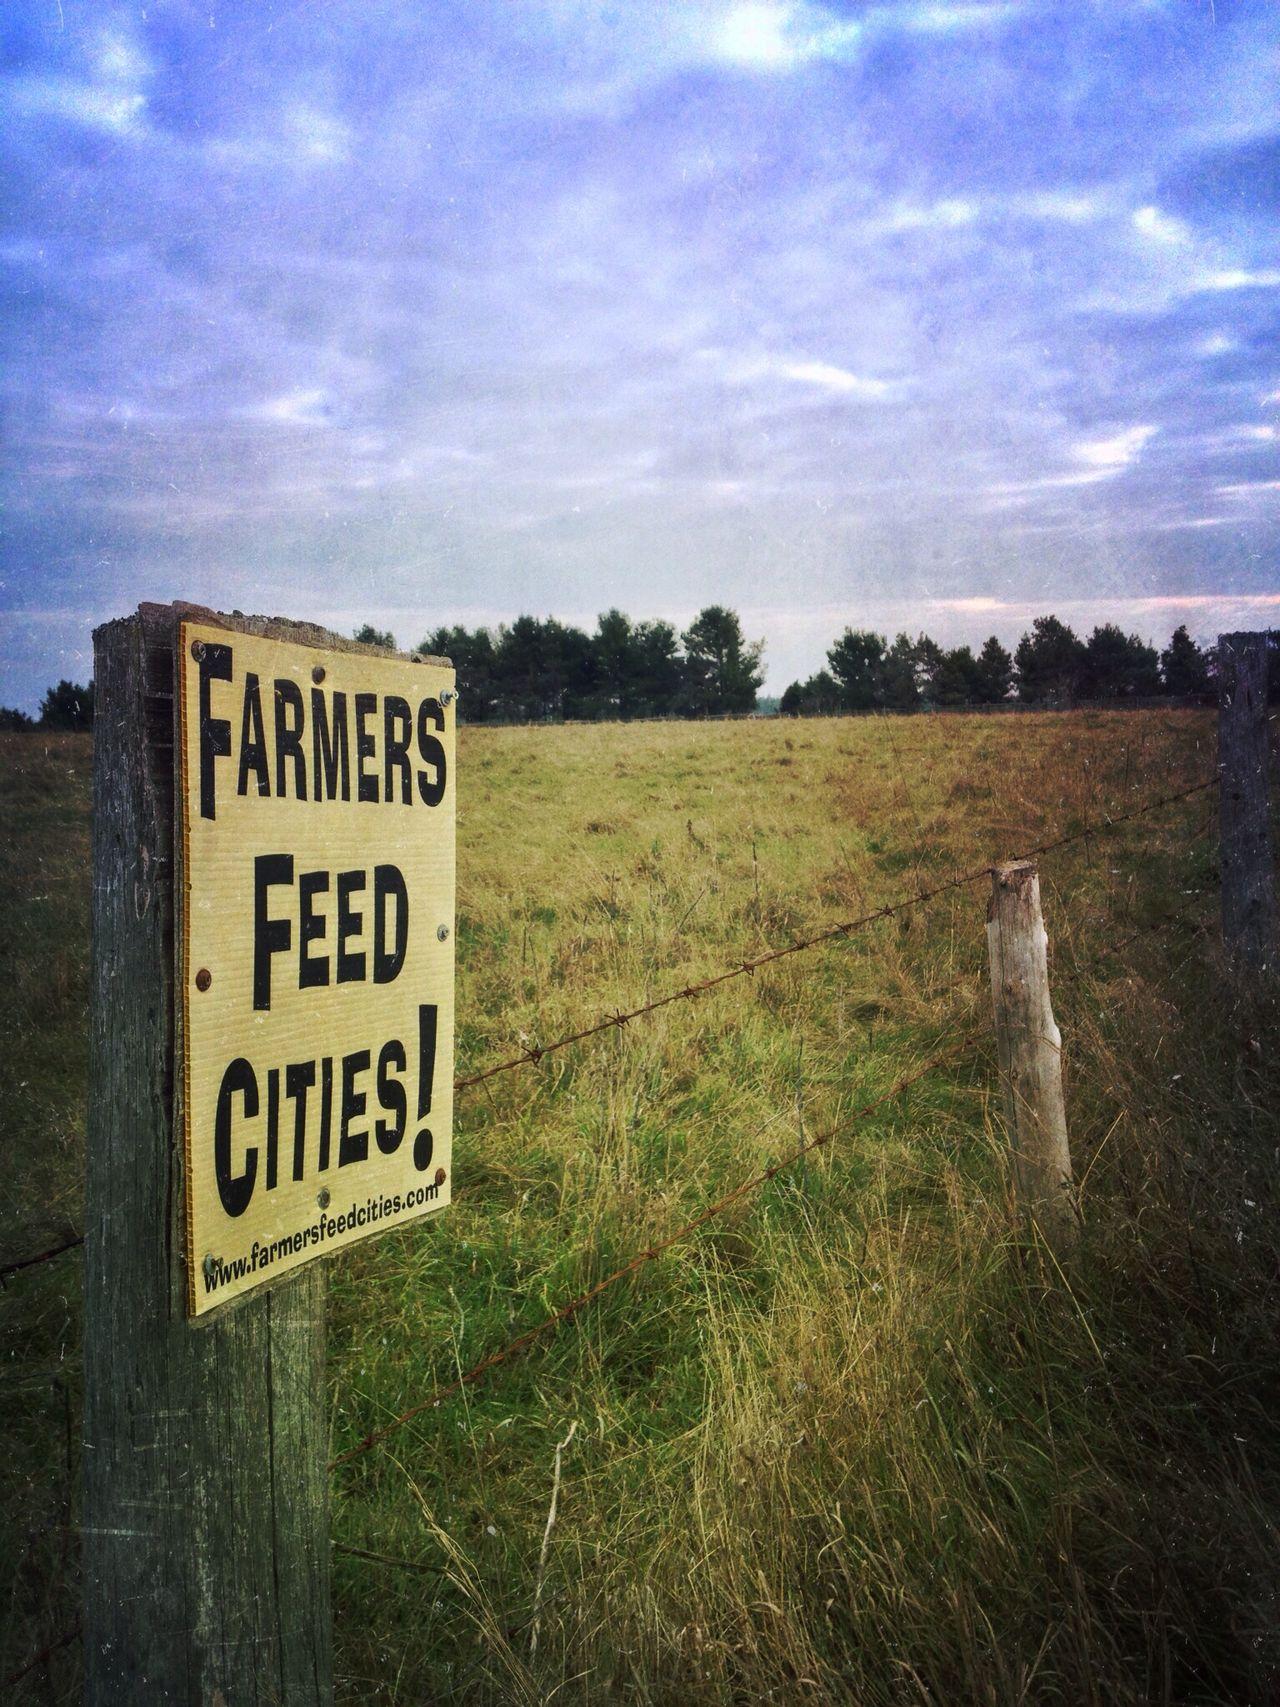 Mextures Rural Scenes Farm Life